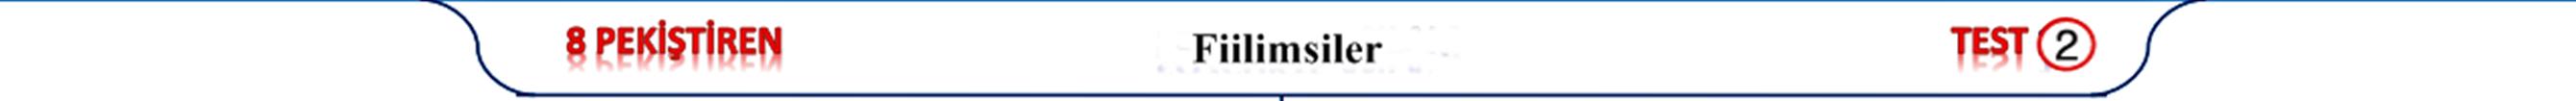 fiilimsiler test, yeni soru tipleri lgs türkçe, 8.sınıf test pdf indir, fiilimsiler test cevap anahtarı